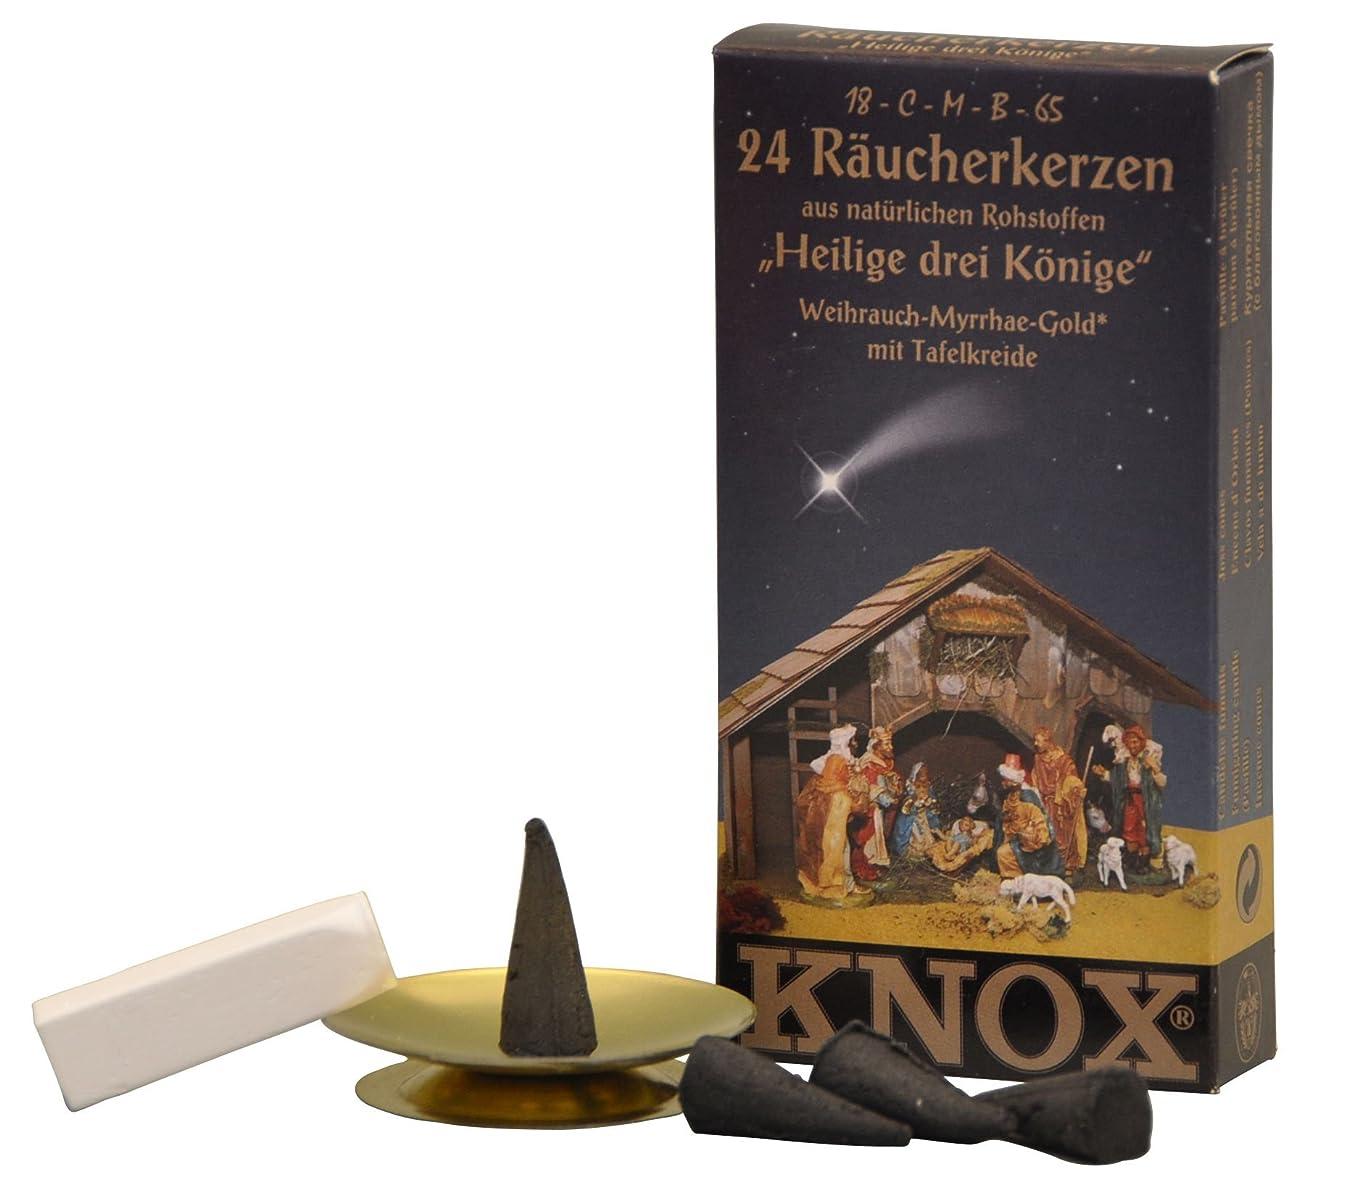 優越まだらリア王Knox Three KingsクリスマスMyrrh Incense Cones withチョークandゴールドシェルSmokers